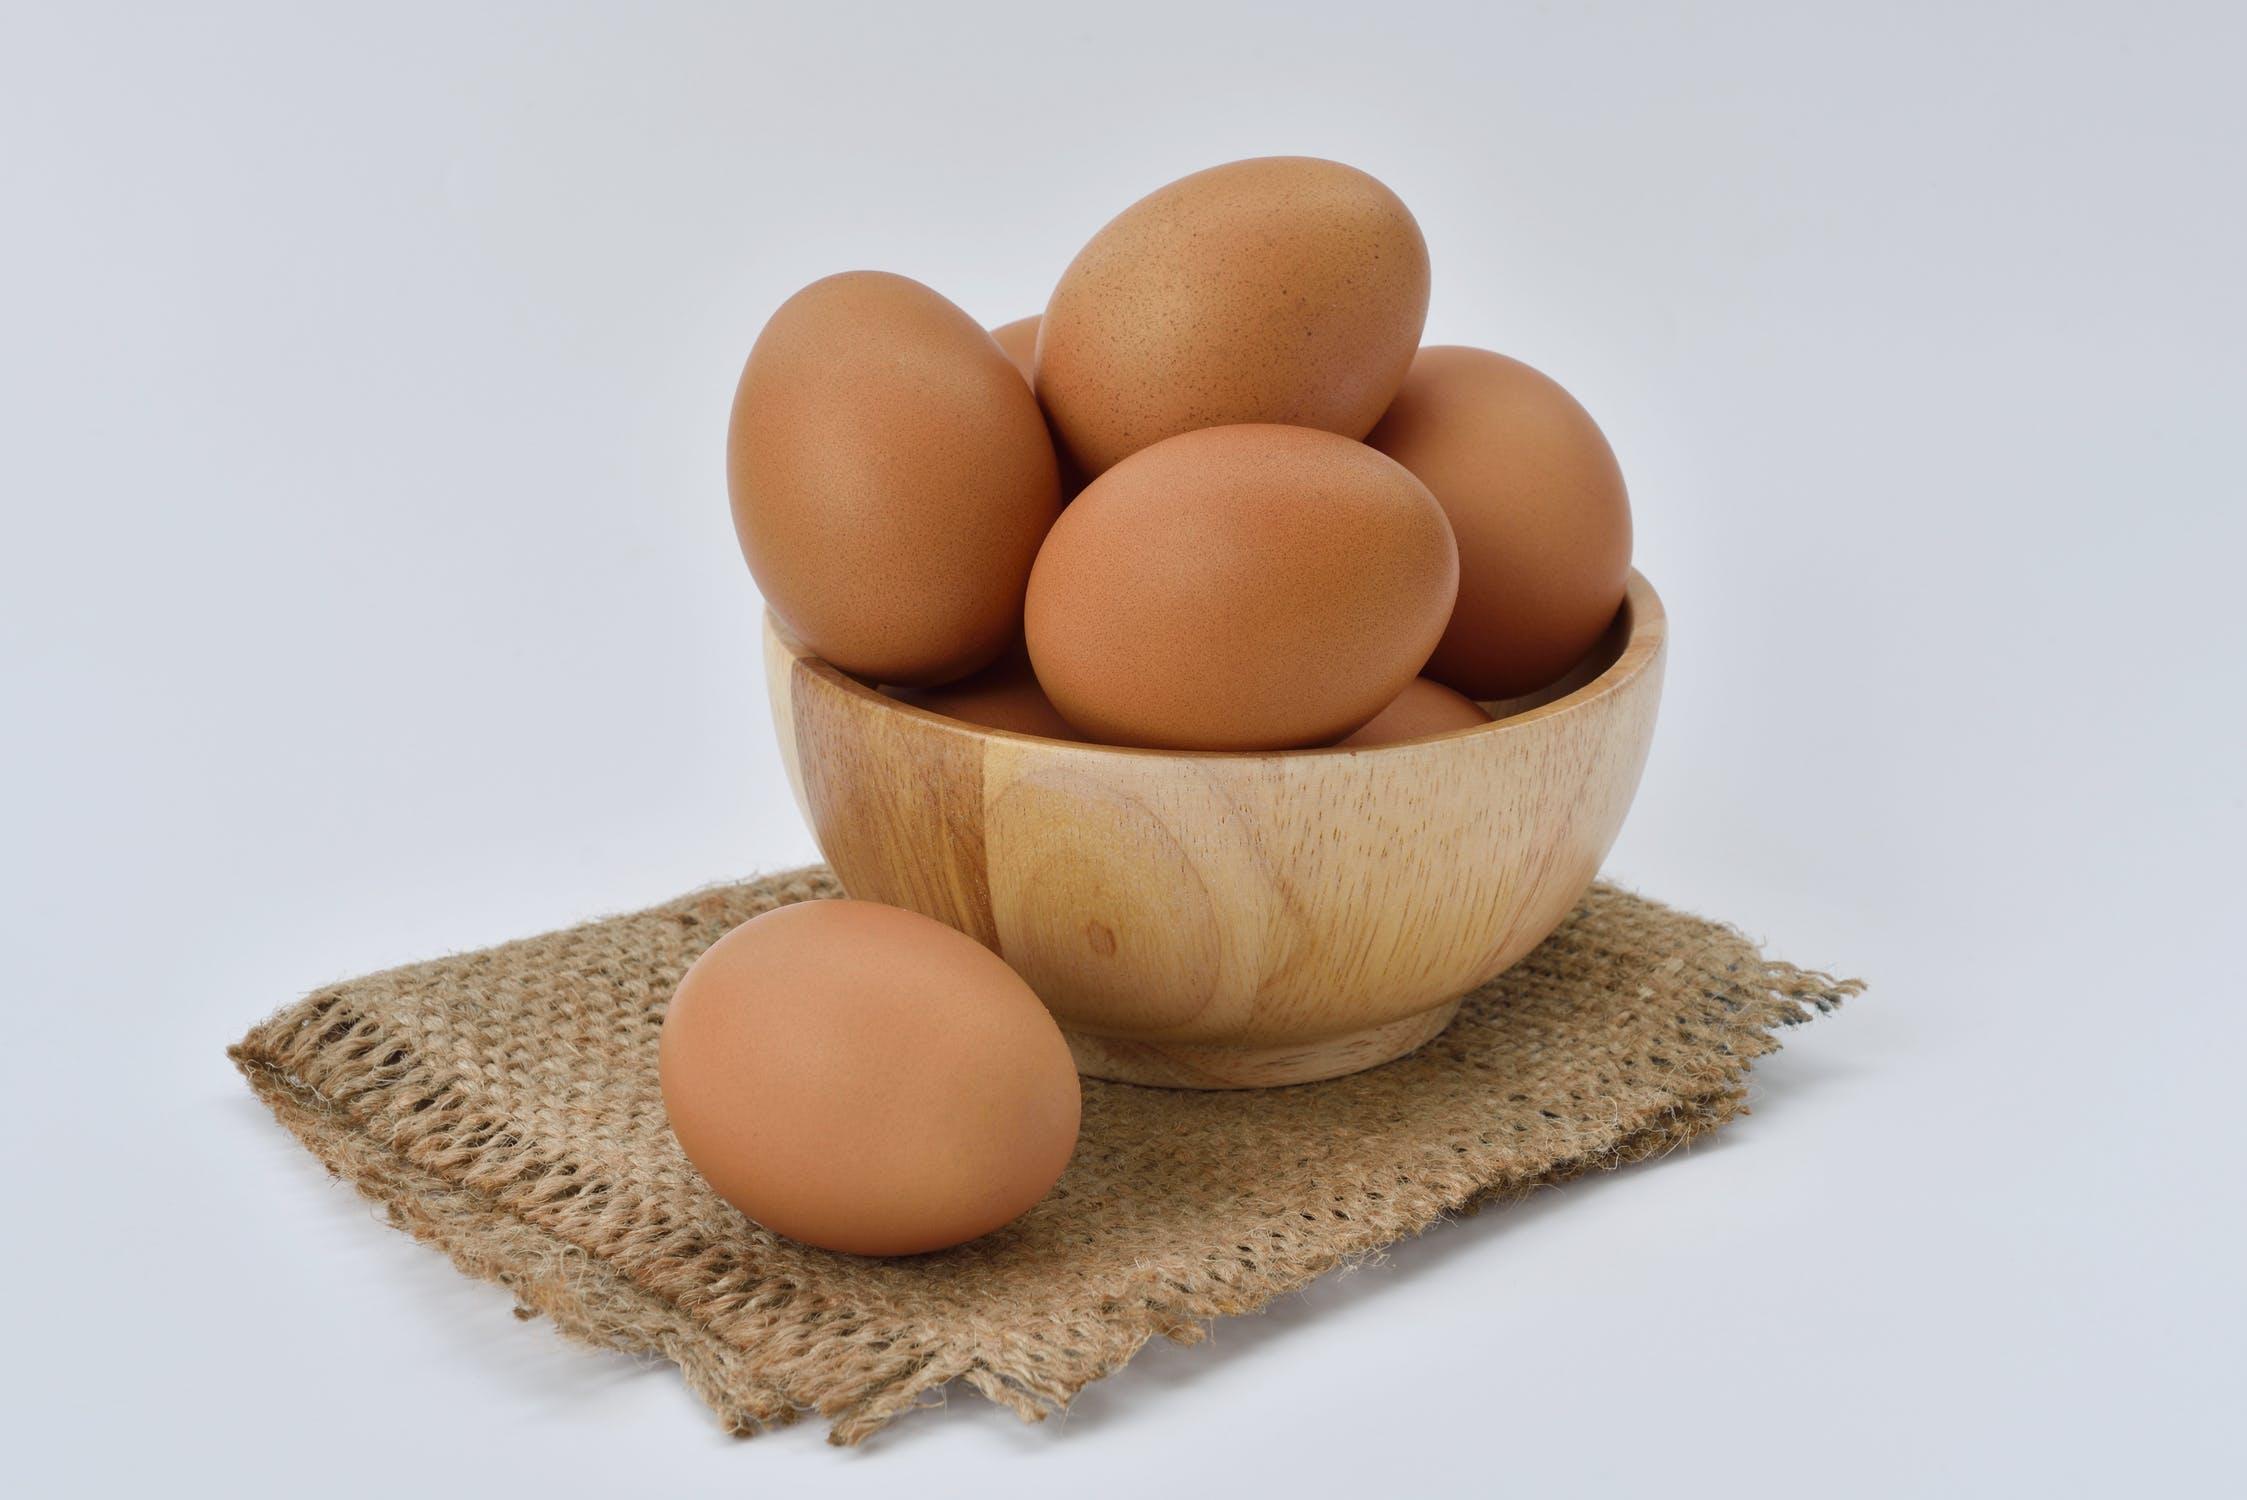 ทลายความเชื่อด้วยคำตอบสุดกระจ่าง [ทำจมูกกินไข่ได้ไหม] พร้อมอาหารที่ควรกิน vs ควรเลี่ยง ถ้าไม่อยากแผลหายช้า!!